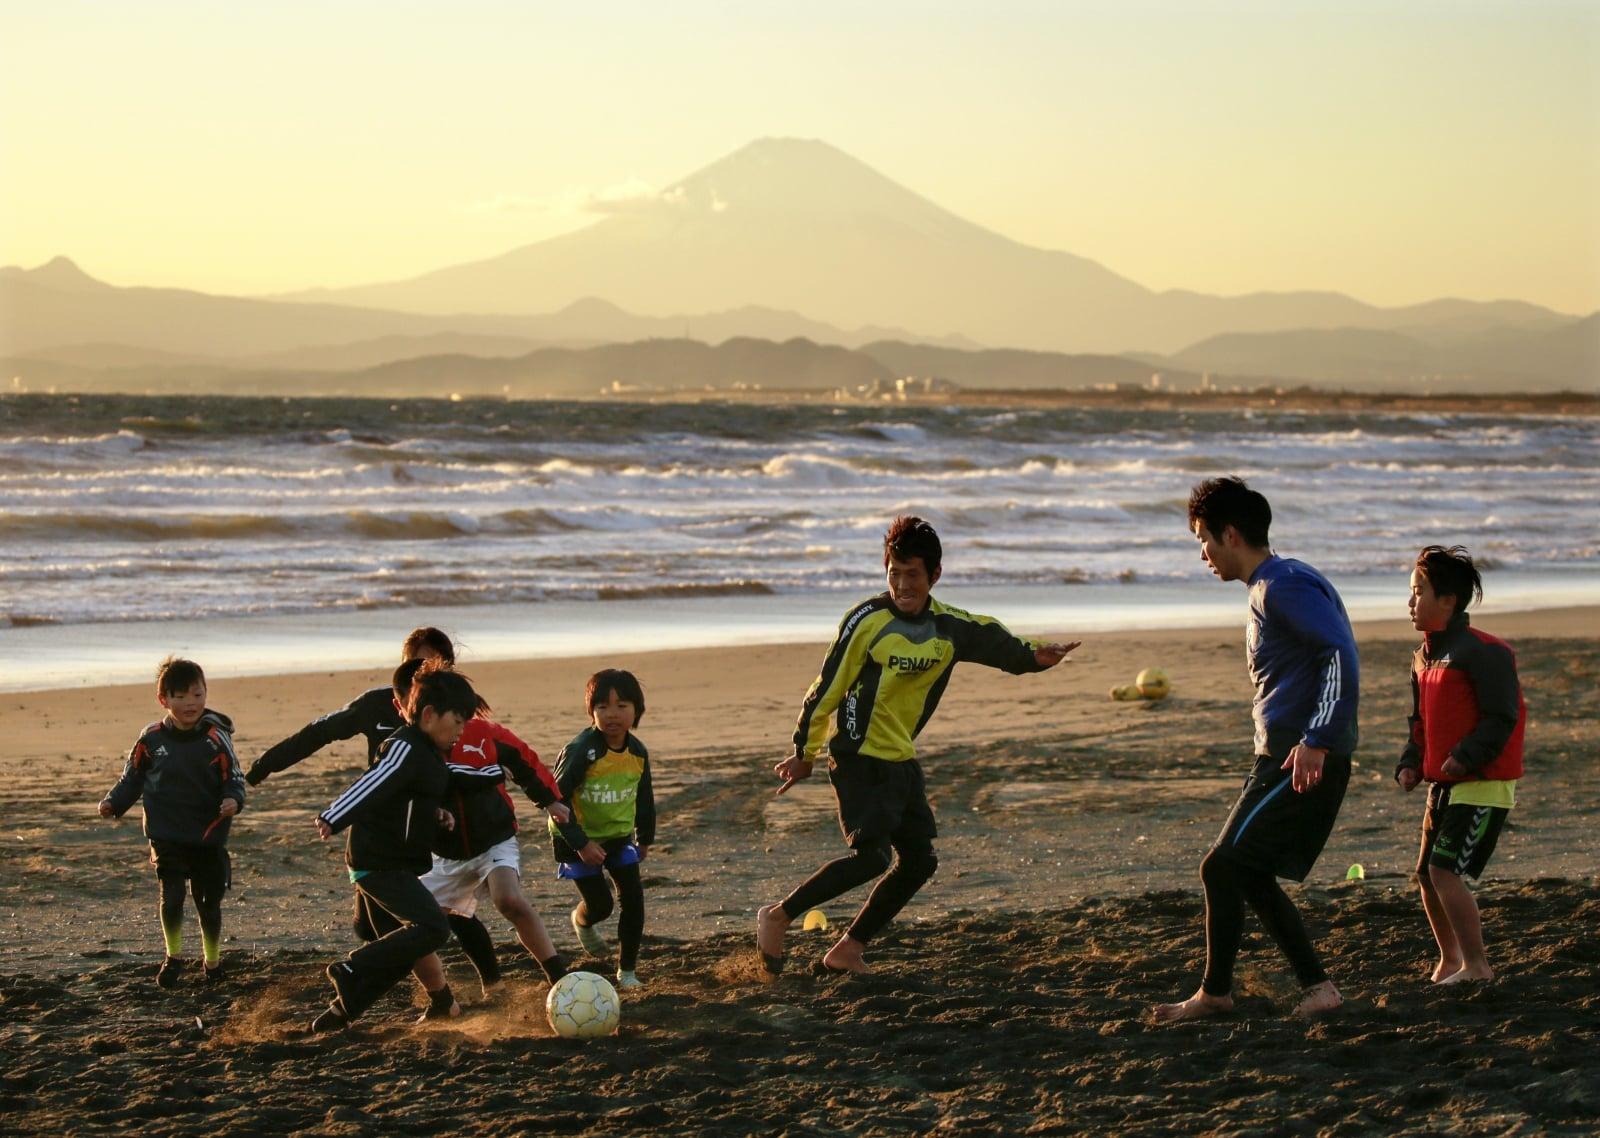 Dzieci grające w piłkę na plaży, Japonia, fot.EPA/KIMIMASA MAYAMA